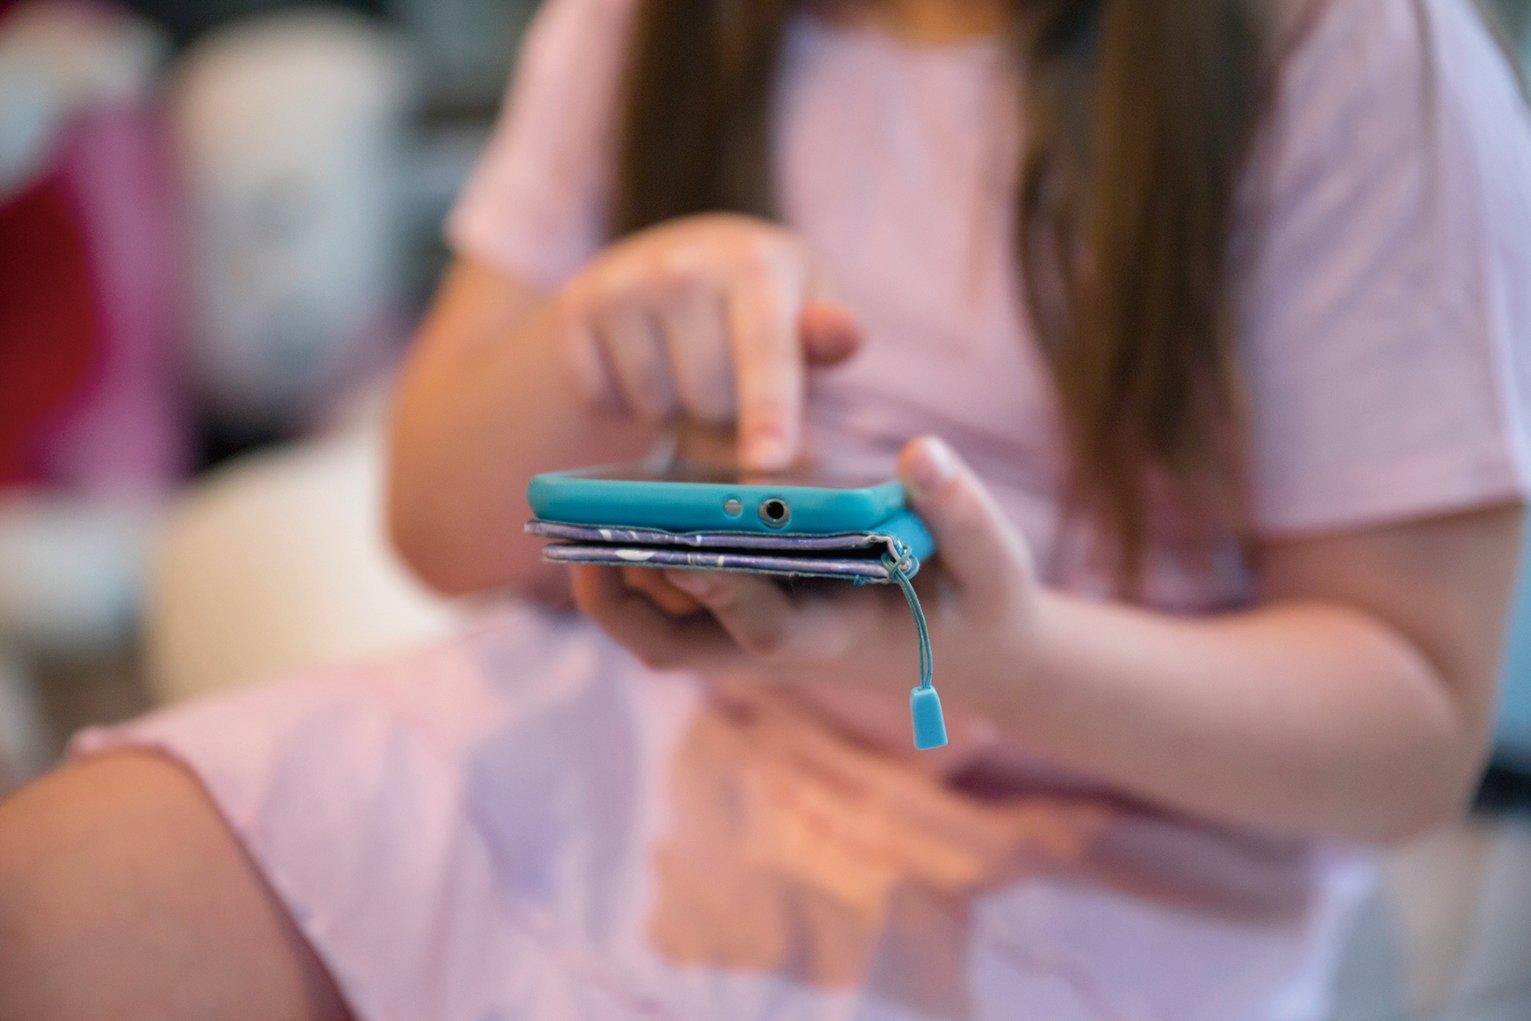 英國一項最新研究發現,手機保護用外殼的骯髒程度超乎想像,皮套的骯髒程度更是廁所板的17倍。(Freepik)